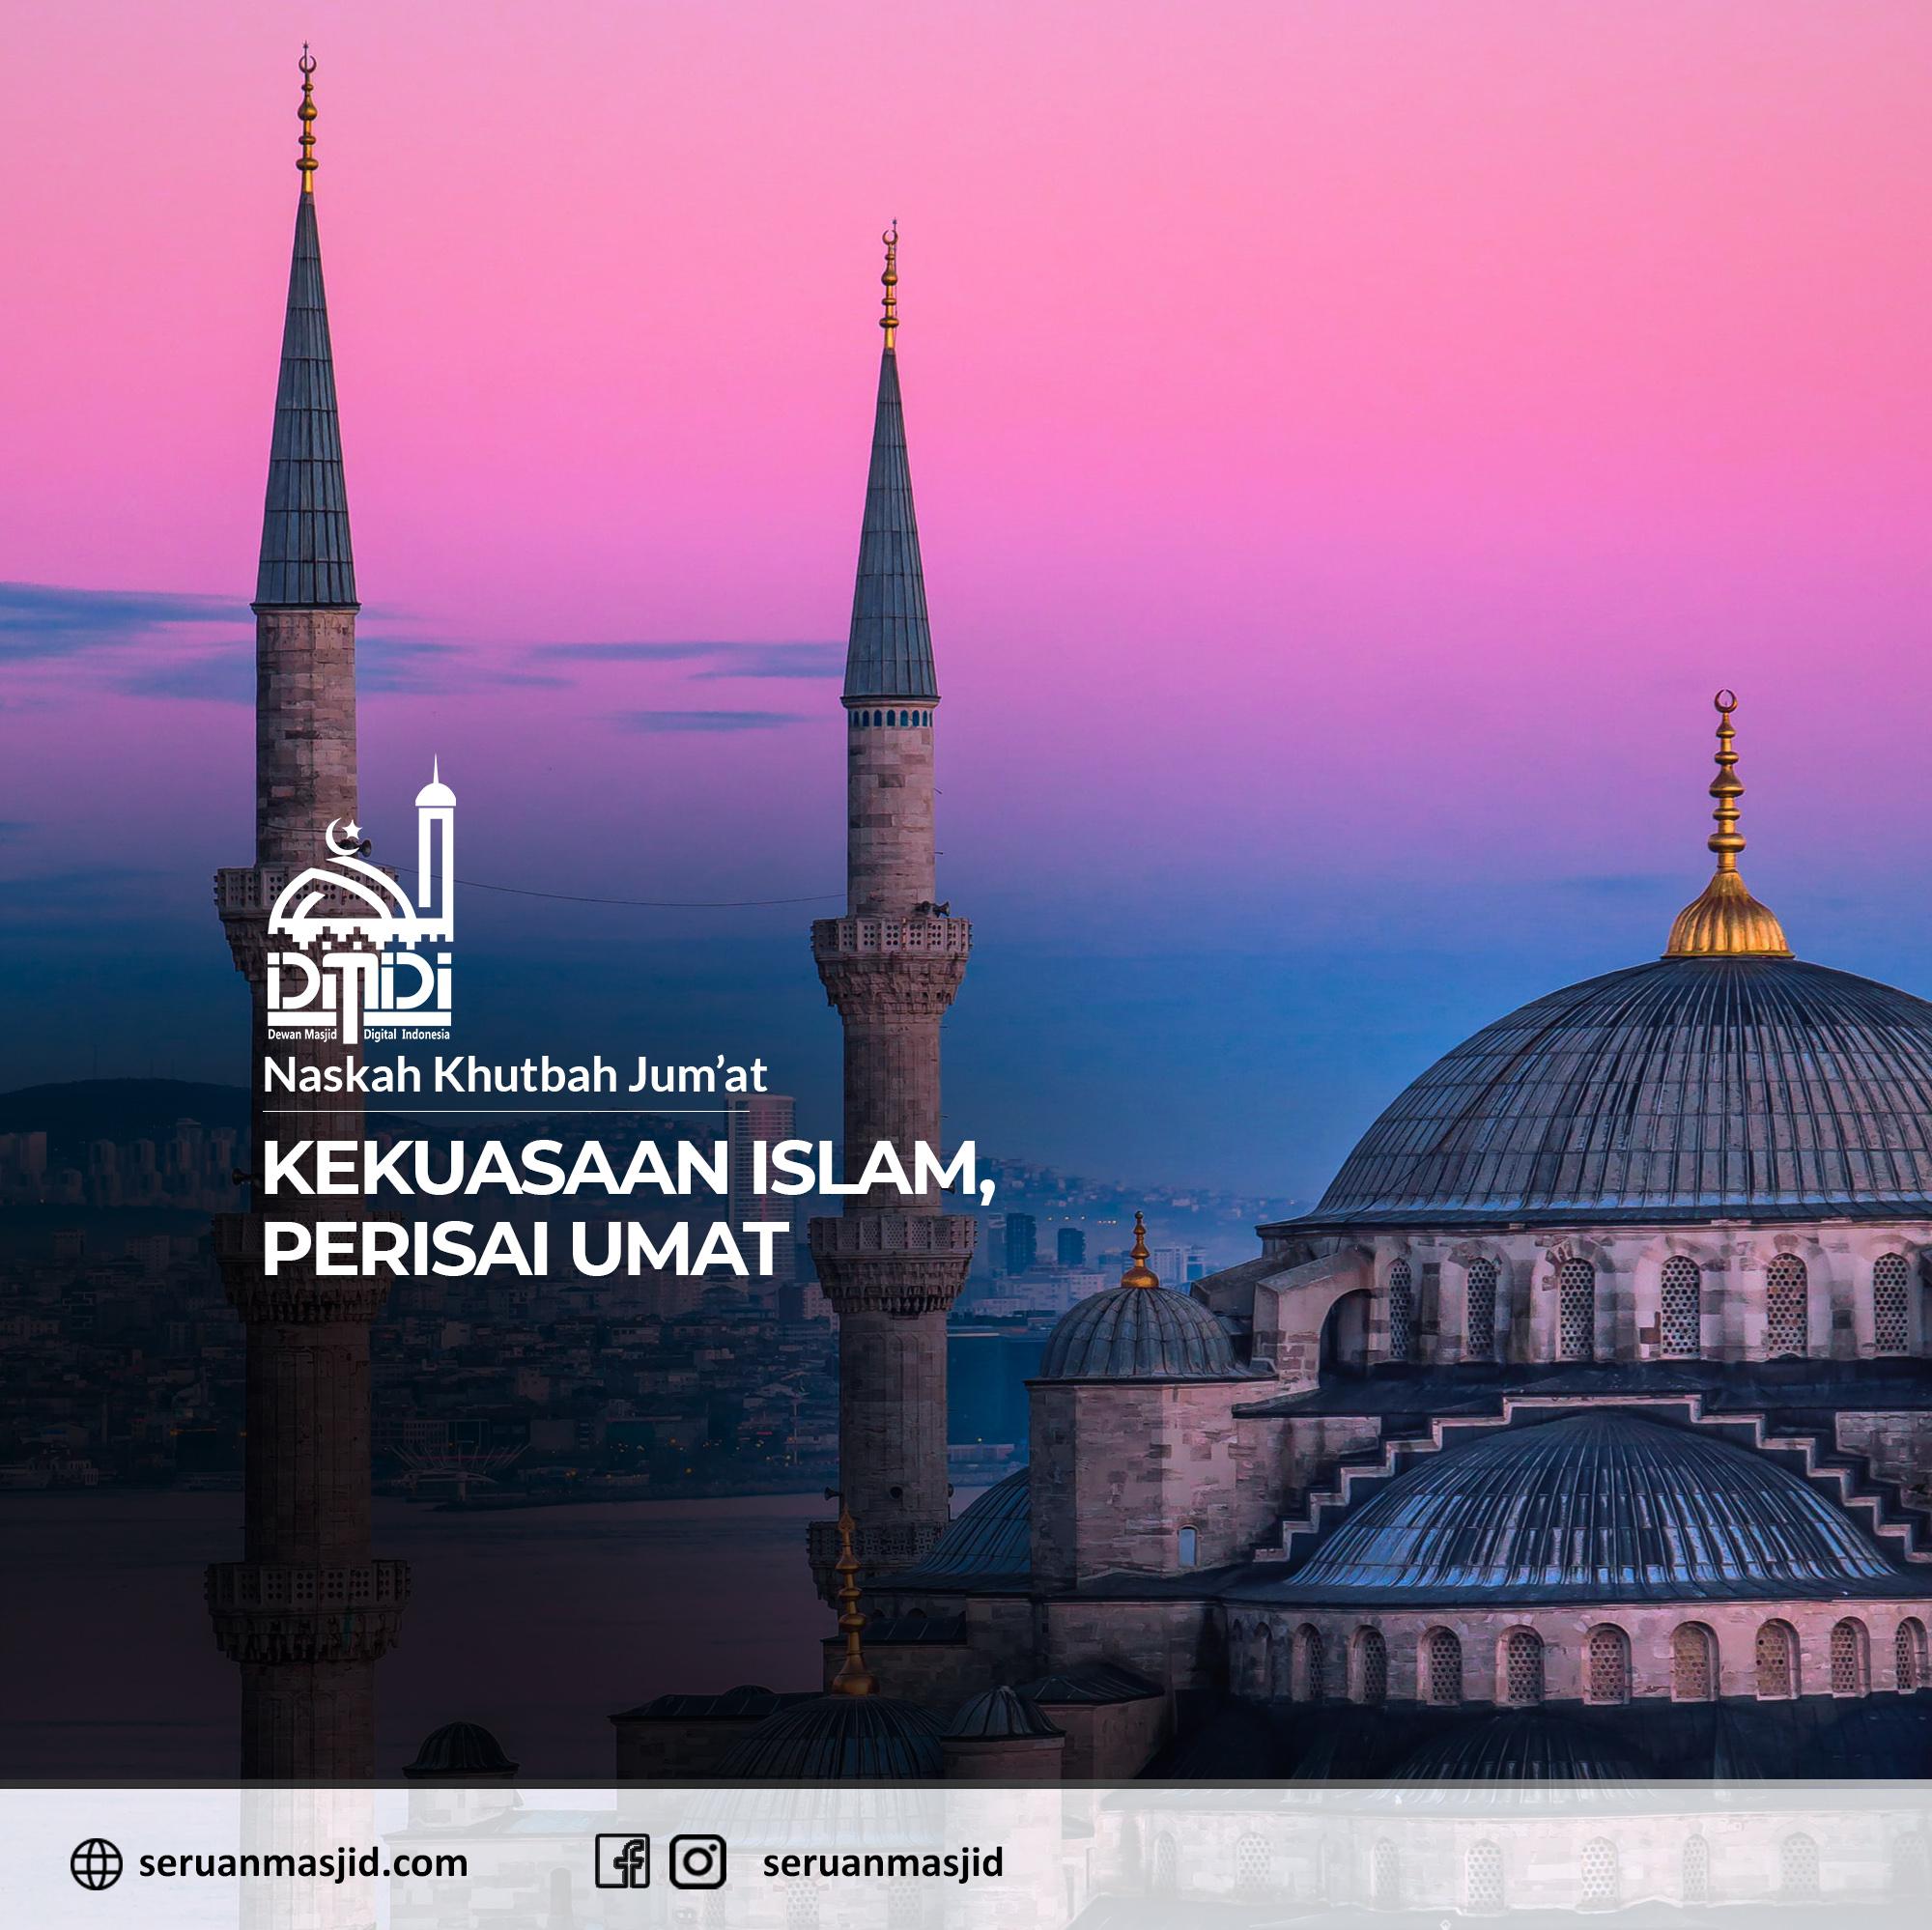 Naskah-Khutbah-Jumat-Kekuasaan-Islam-Perisai-Umat-Dewan-Masjid-Digital-Indonesia-Seruan-Masjid